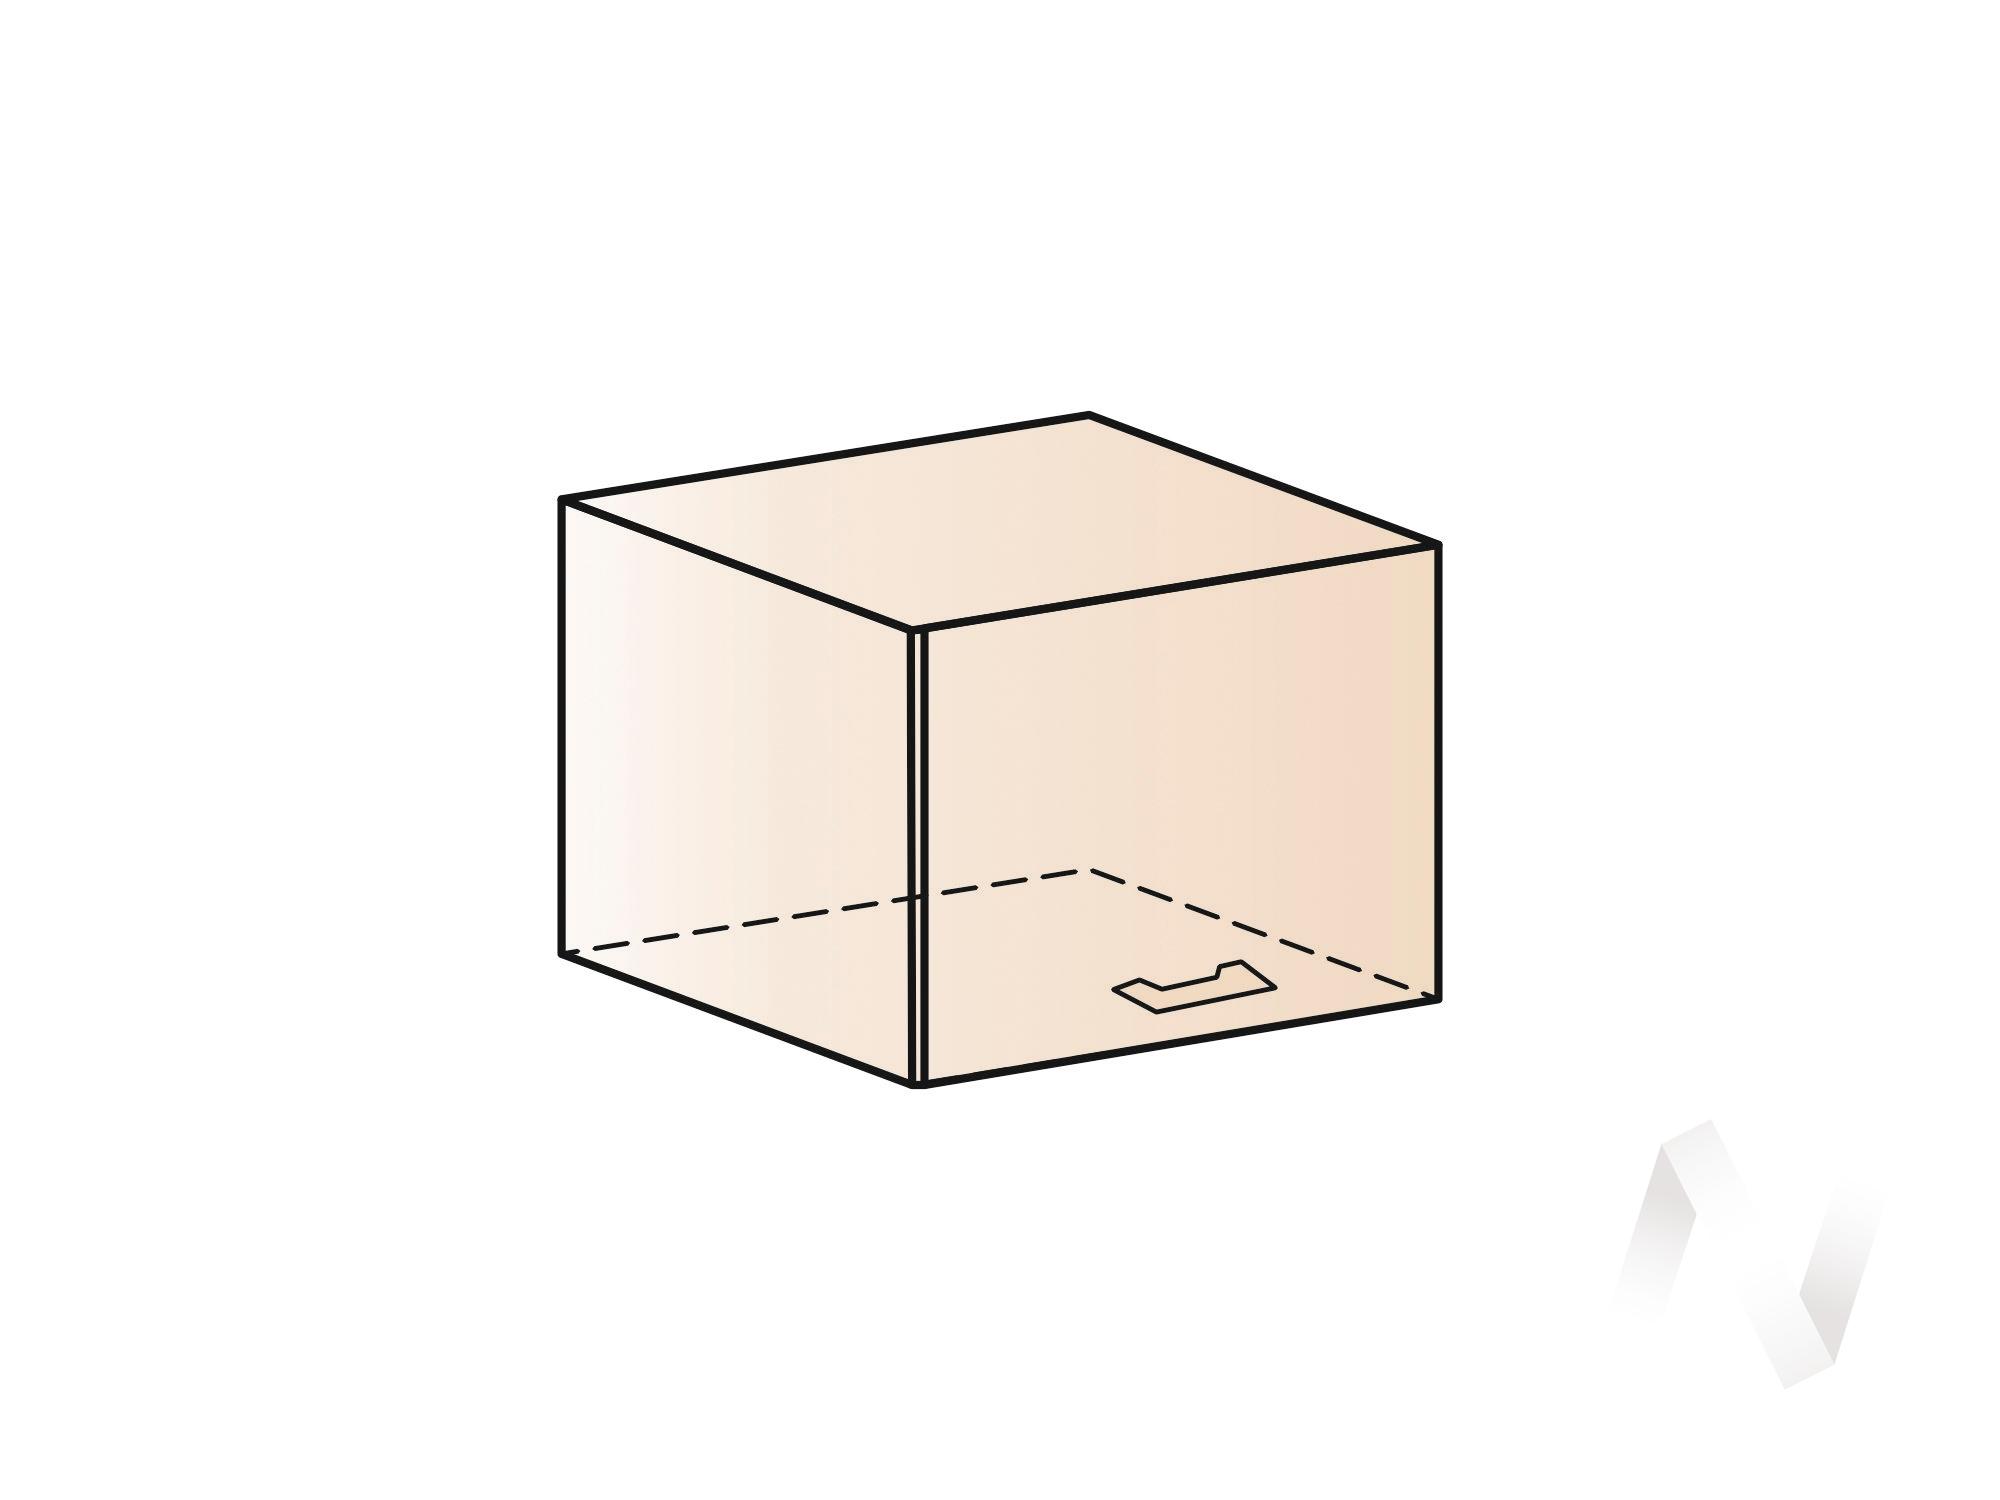 """Кухня """"Люкс"""": Шкаф верхний горизонтальный 500, ШВГ 500 (Шелк венге/корпус белый) в Новосибирске в интернет-магазине мебели kuhnya54.ru"""